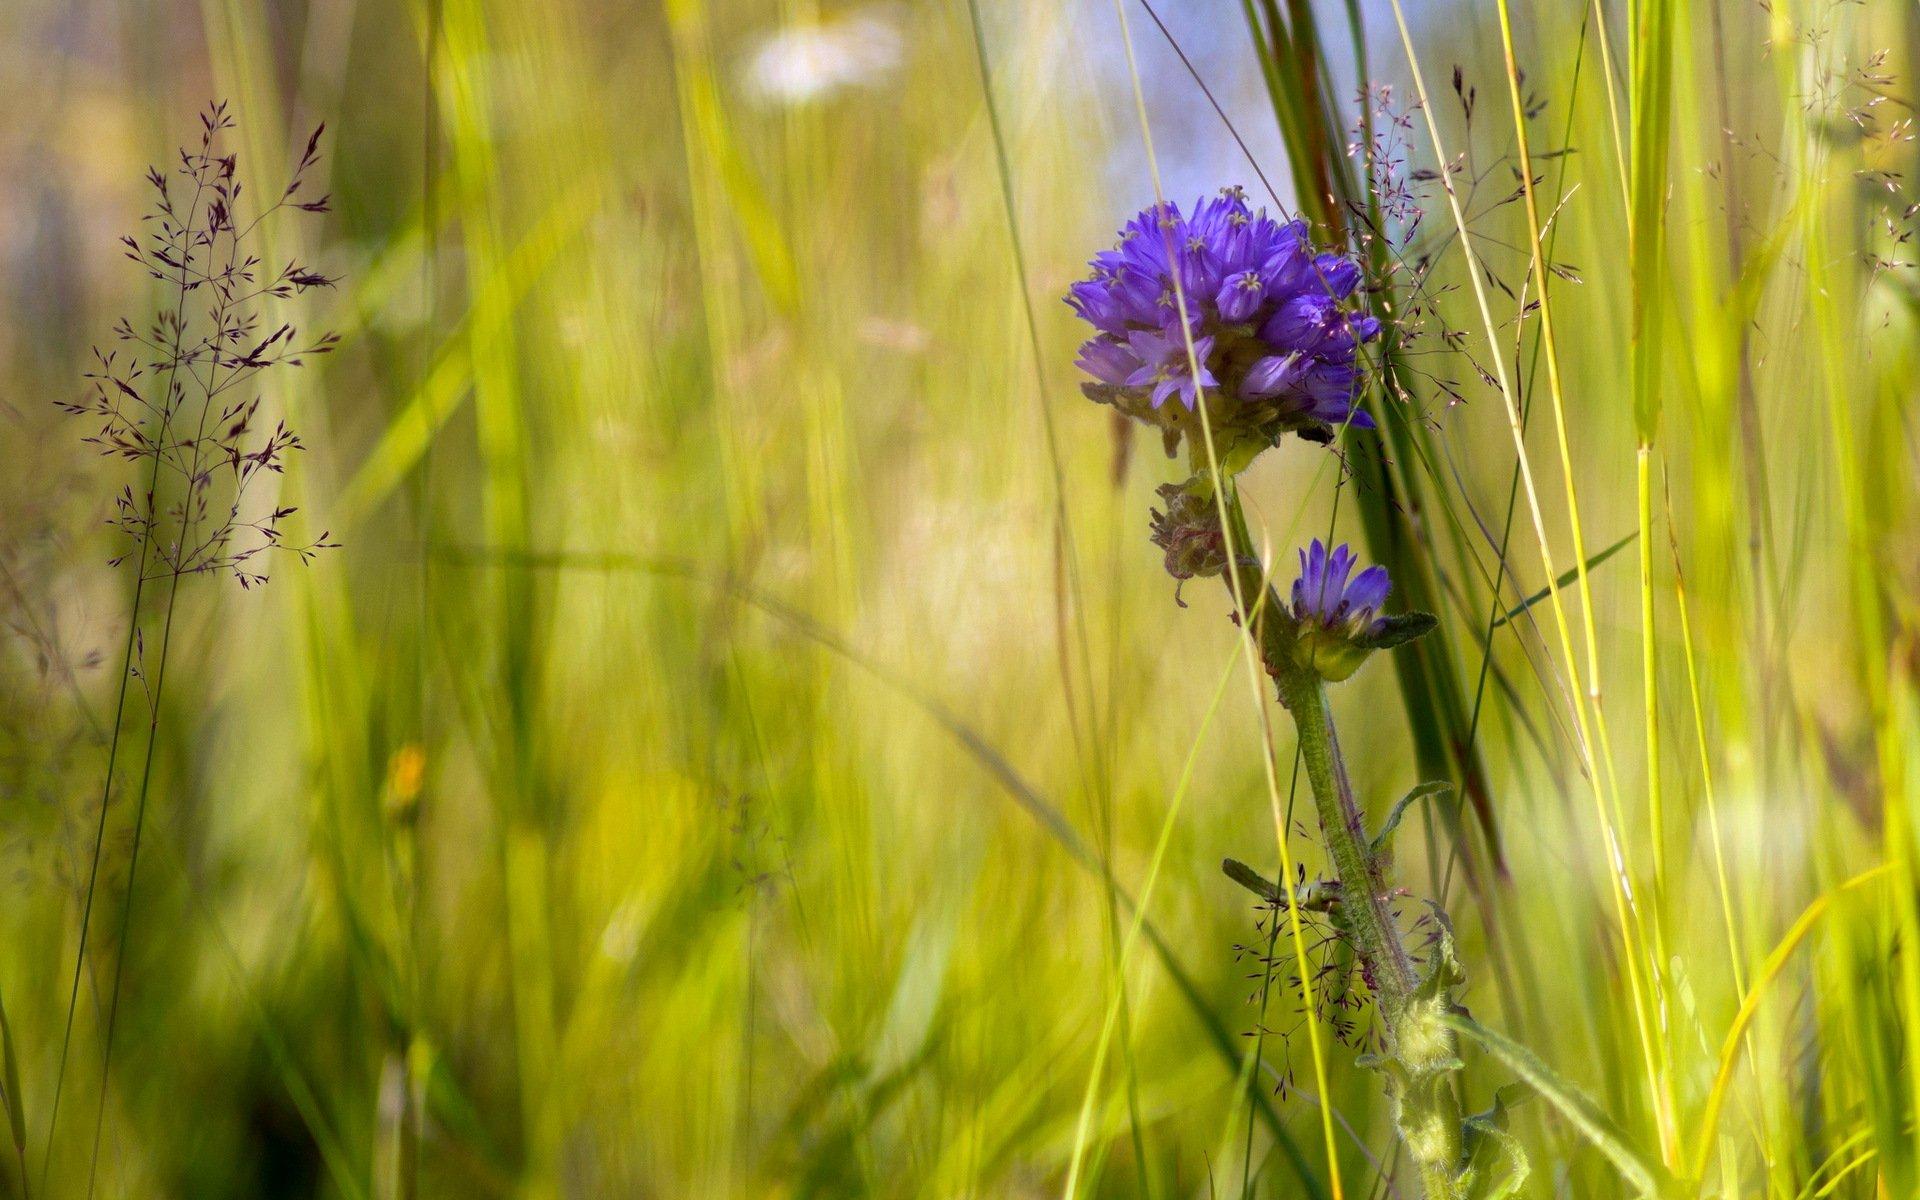 Полевые цветы травы купить минск, москве